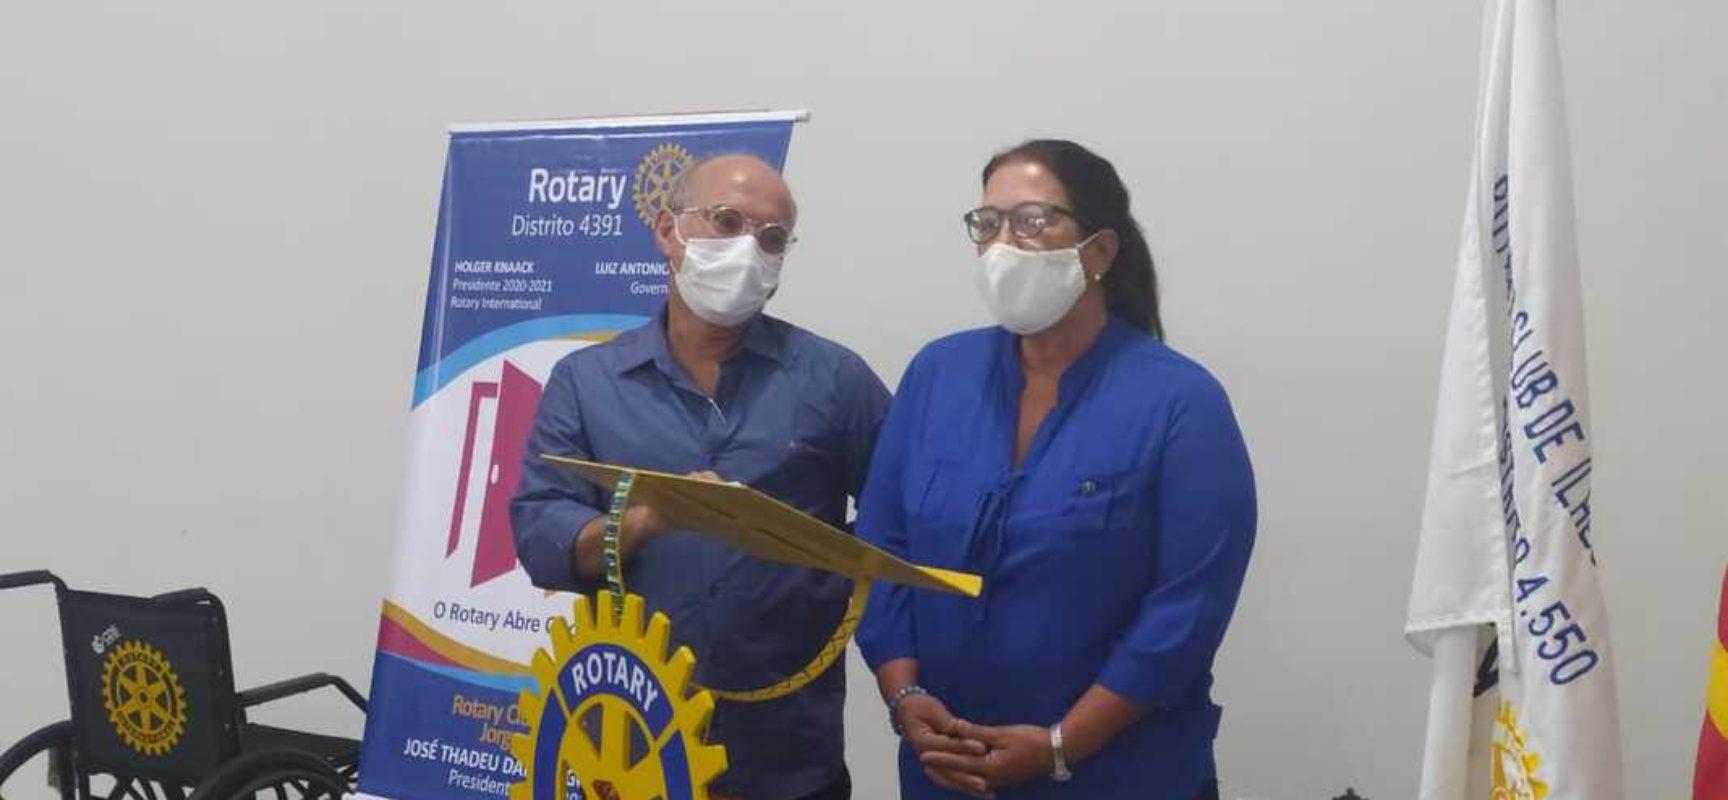 Human Network do Brasil parabeniza Rotary Jorge Amado pelos 15 anos e reforça projeto Banco de Cadeira de Rodas